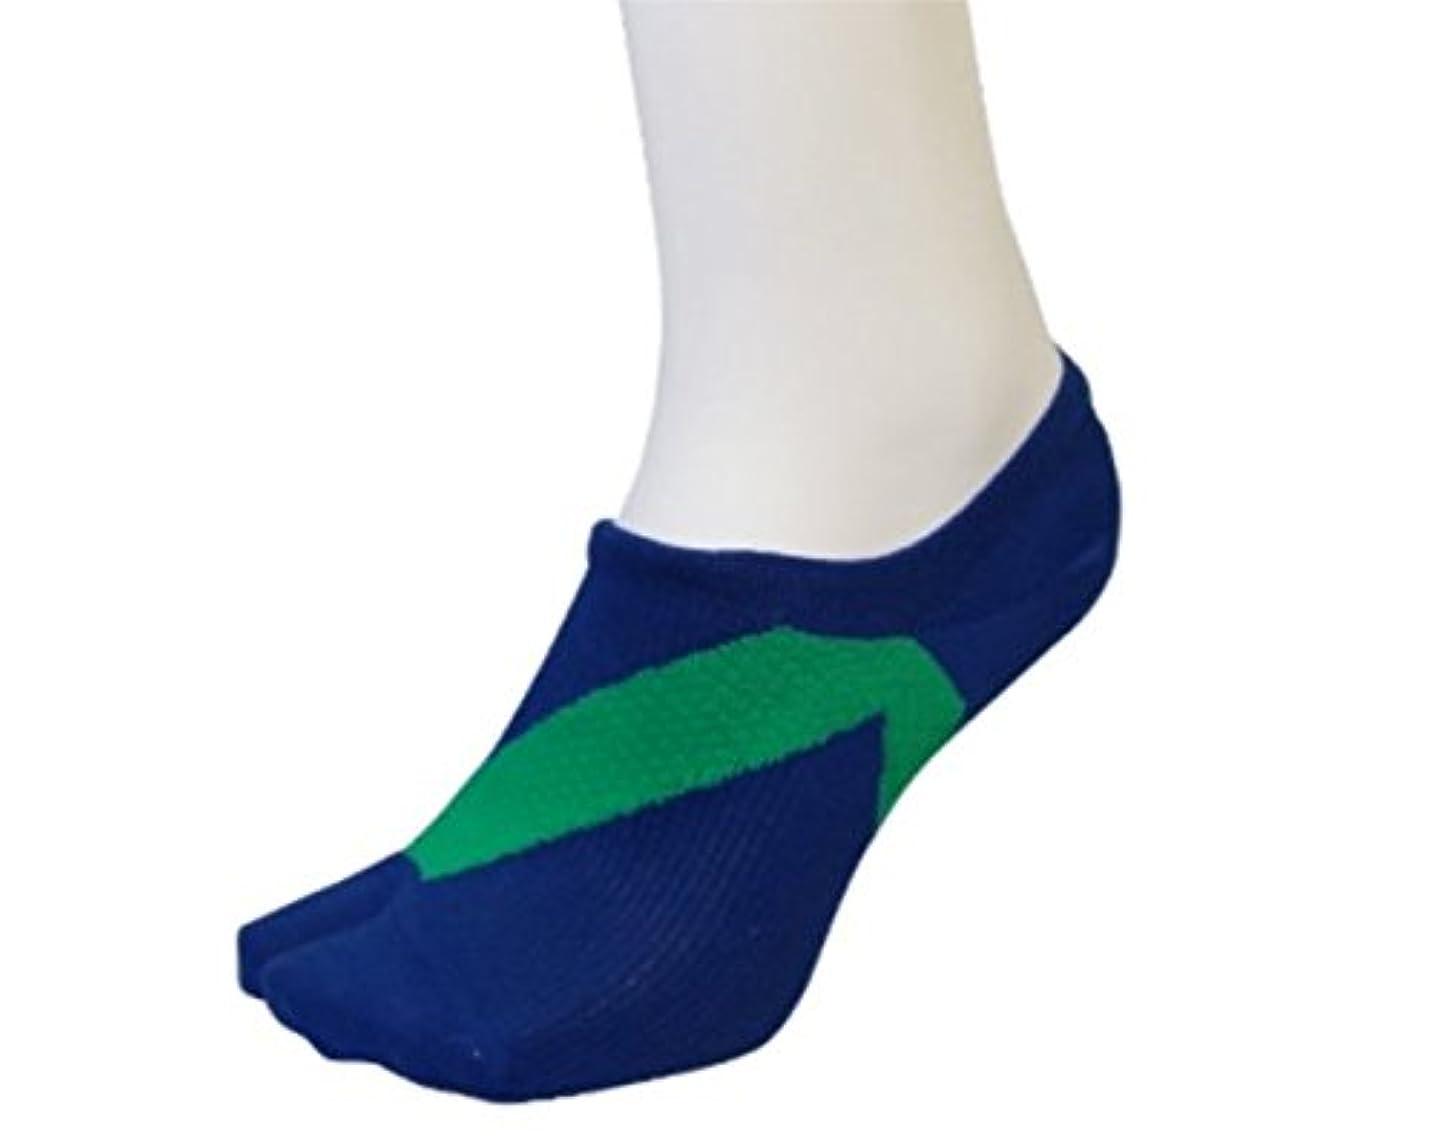 興奮する屋内で飾り羽さとう式 フレクサーソックス スニーカータイプ 紺緑 (S) 足袋型